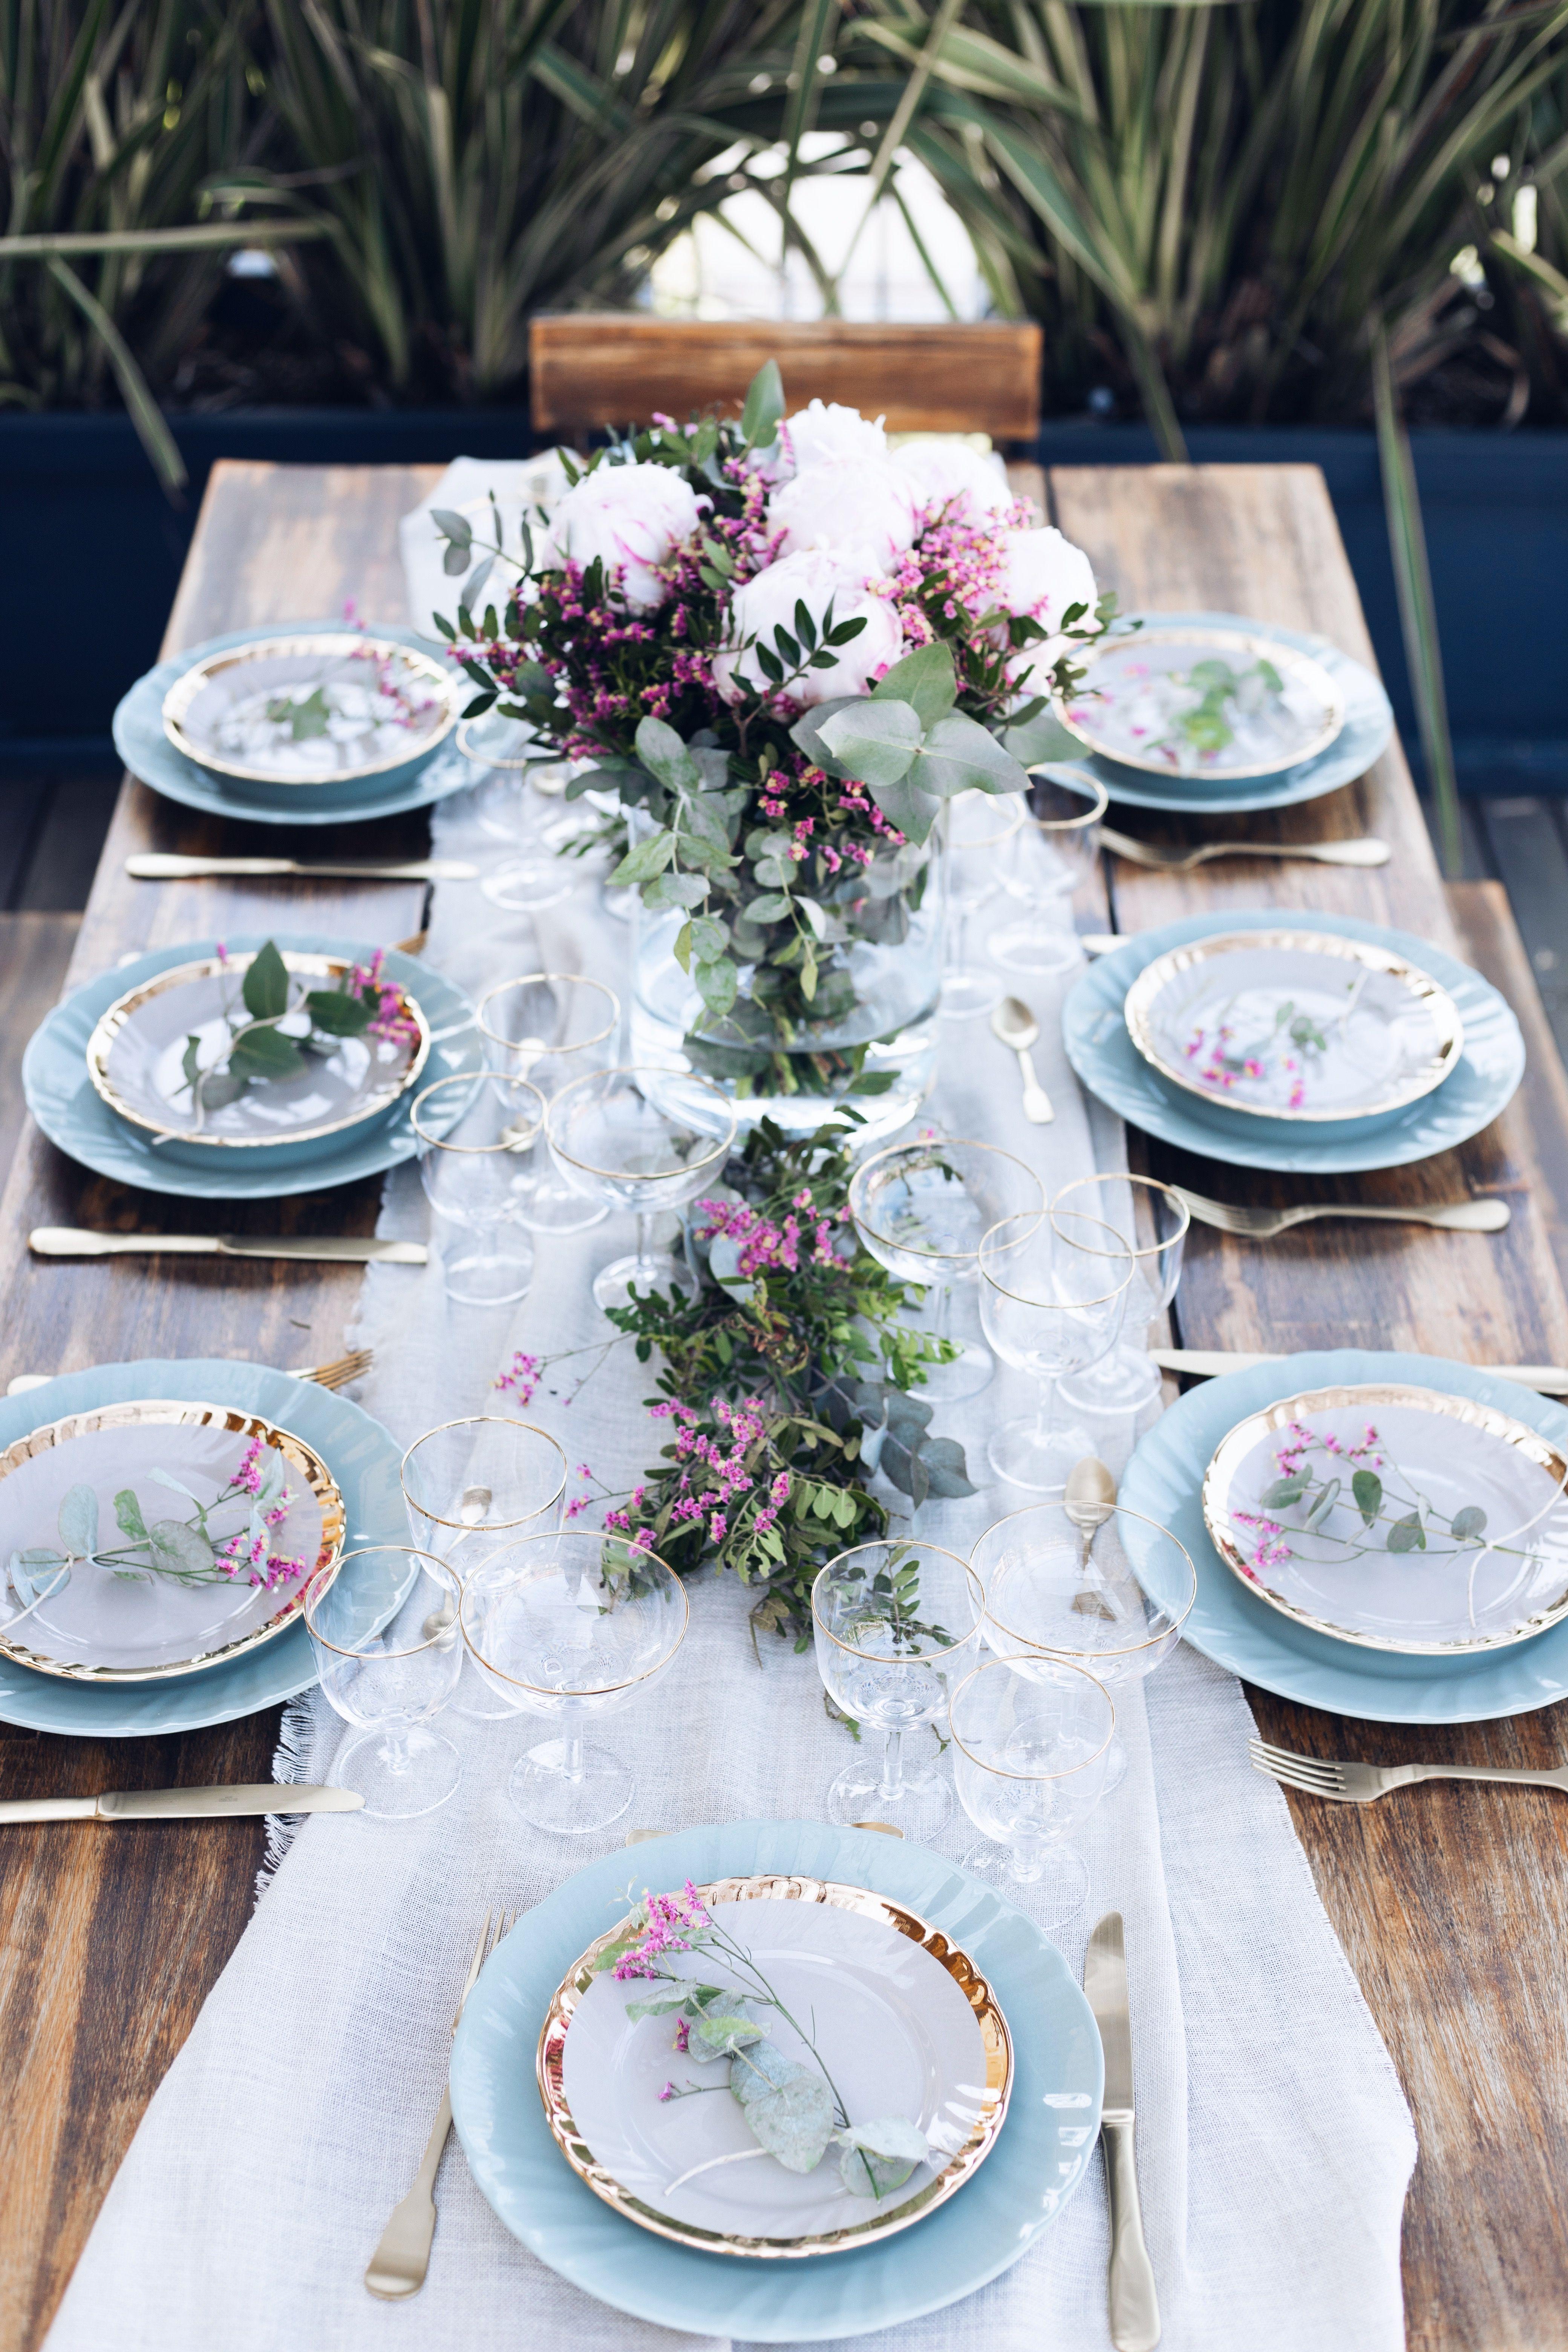 Apparecchiare Tavola In Terrazza la cena in terrazza è servita | terrazzo, cena, cena estiva